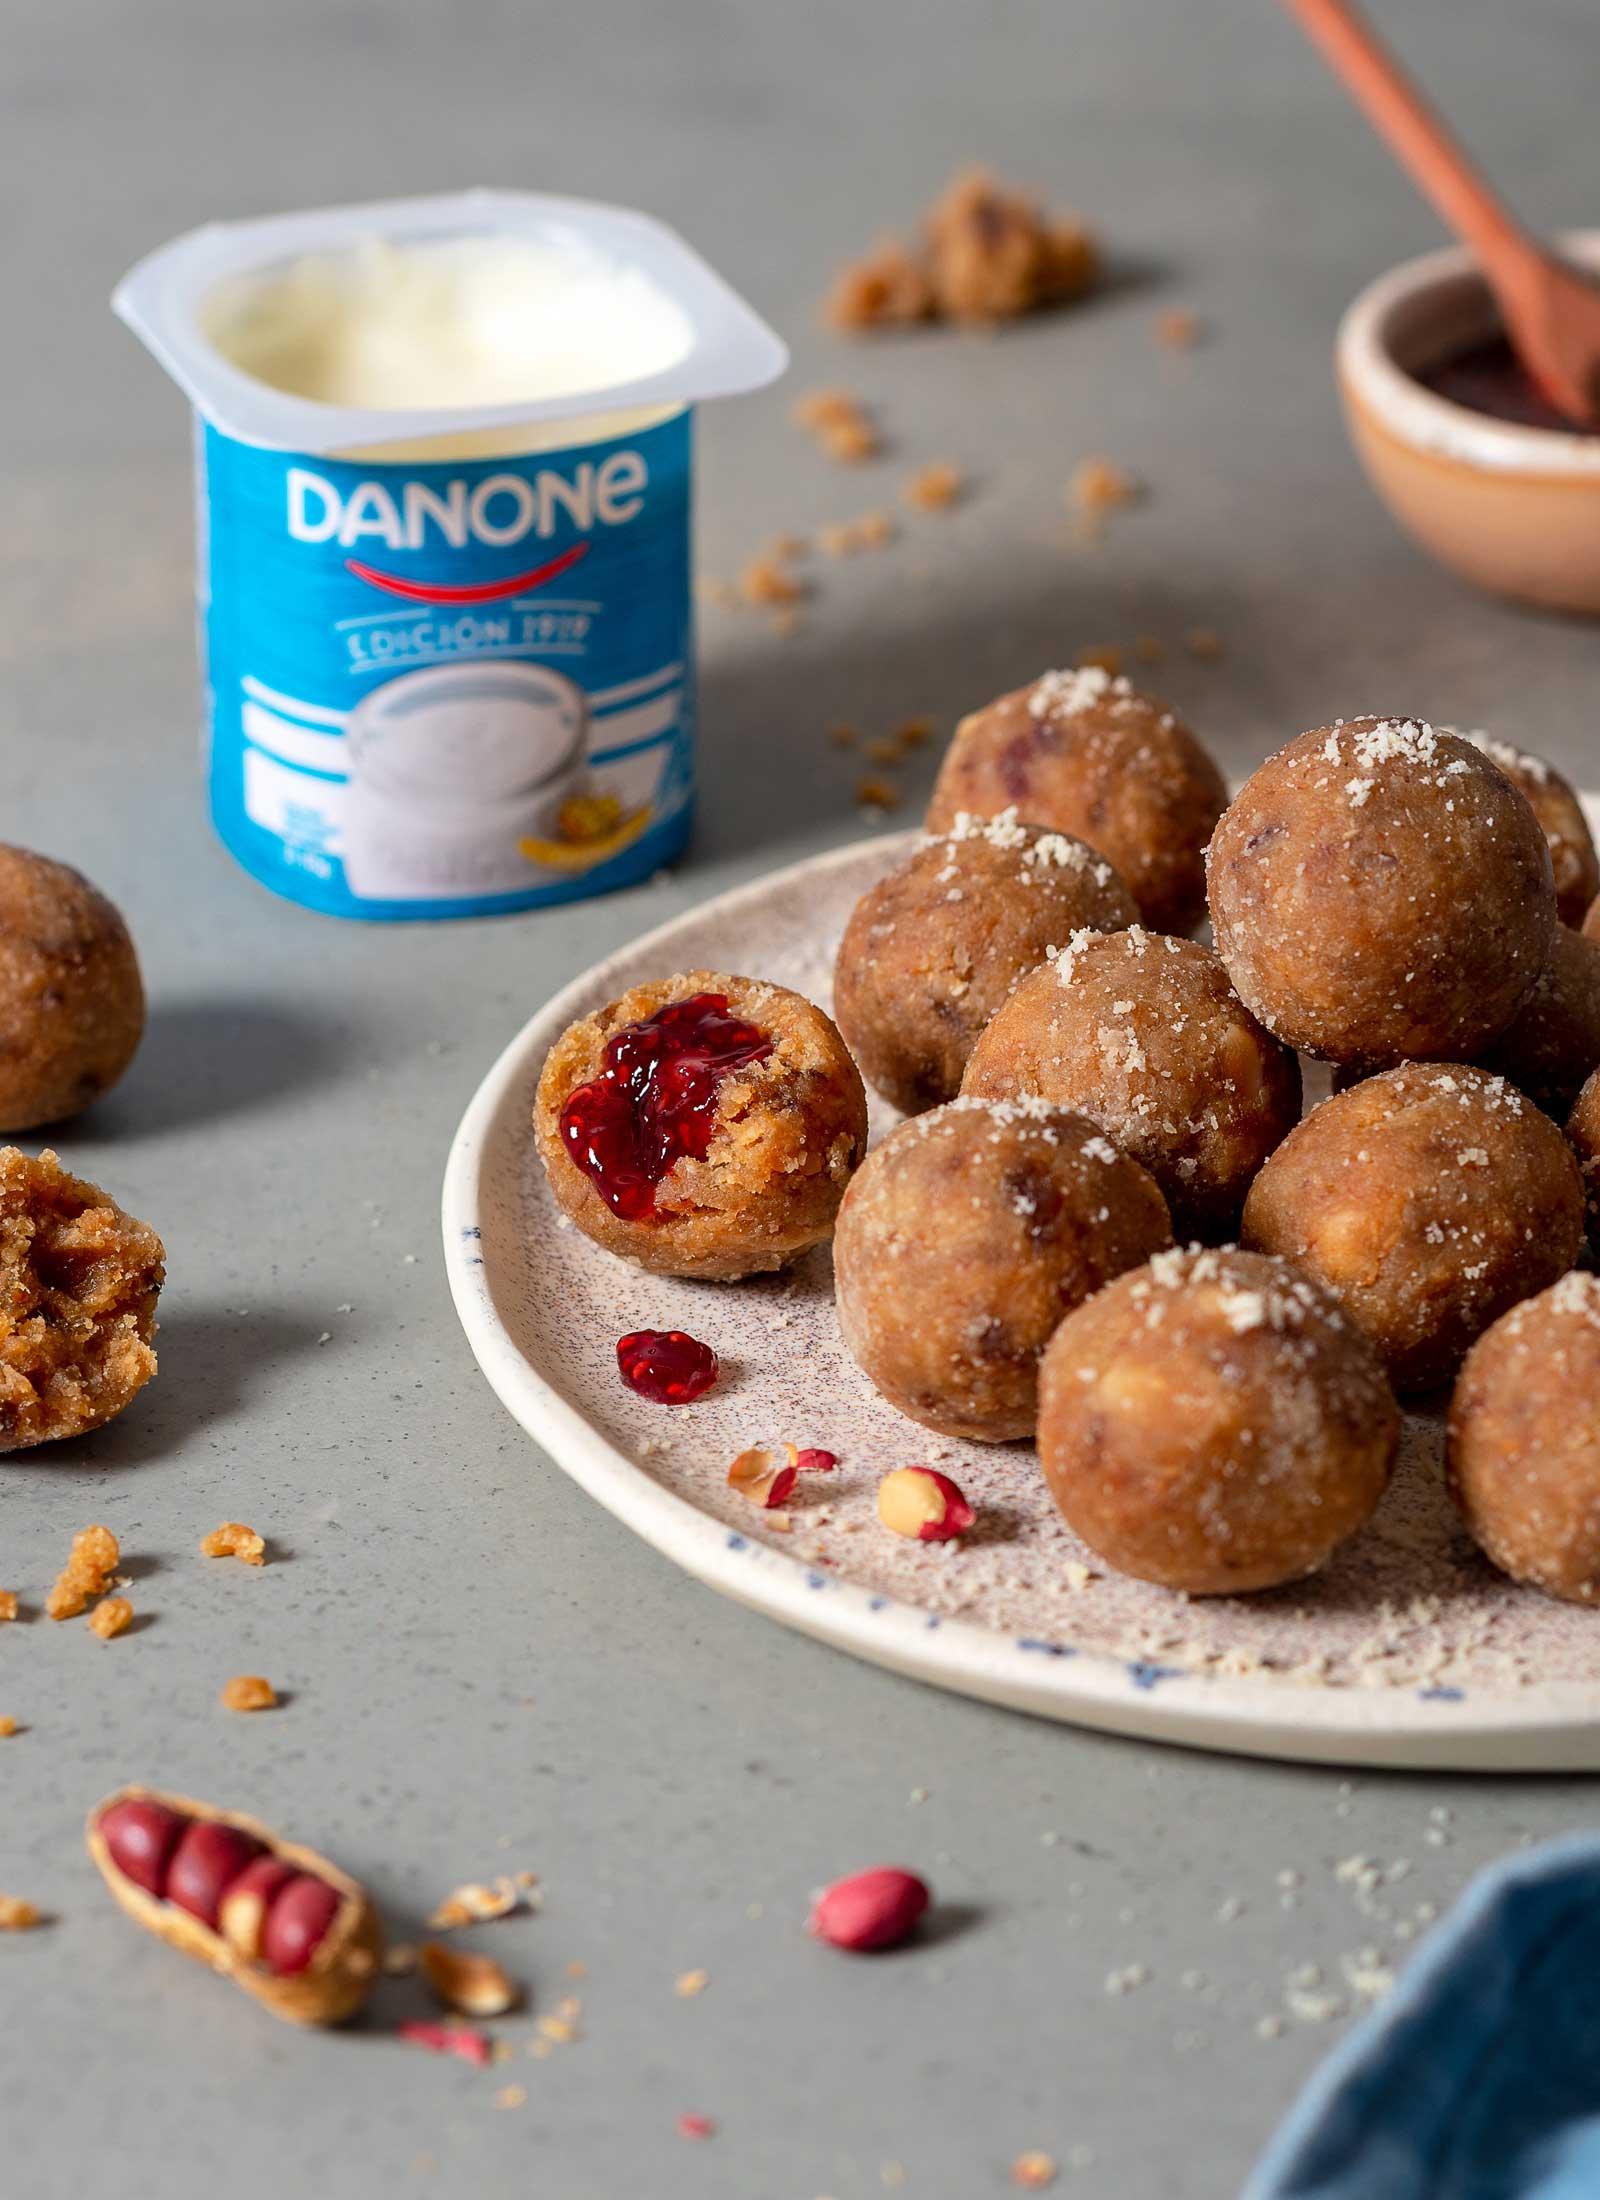 bolitas-yoghurt-mani-danone-estudio-como